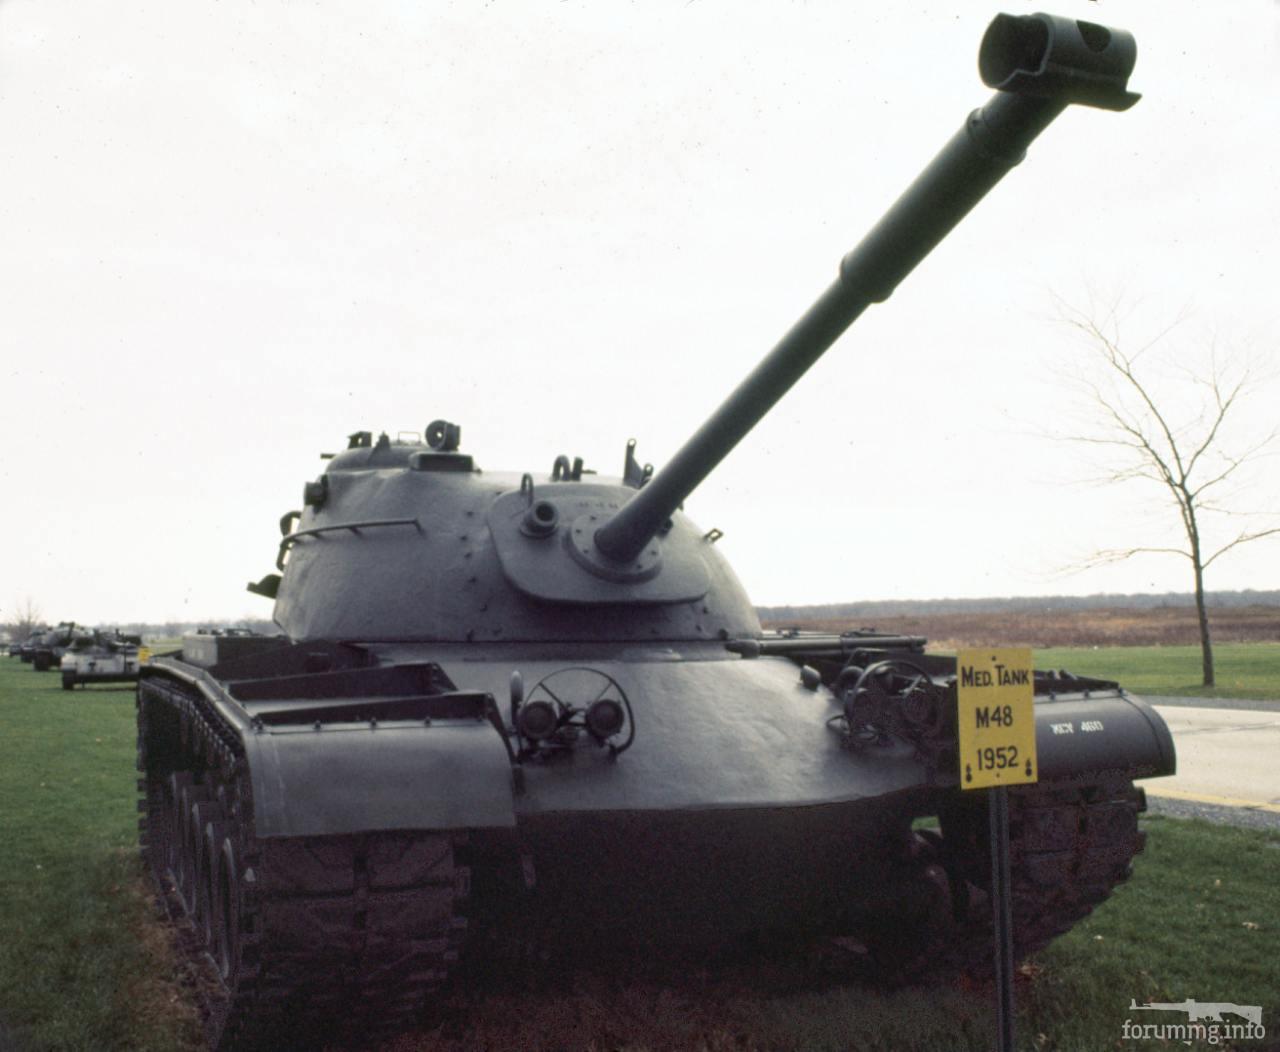 122734 - Артиллерийско-технический музей (US Army Ordnance Museum)